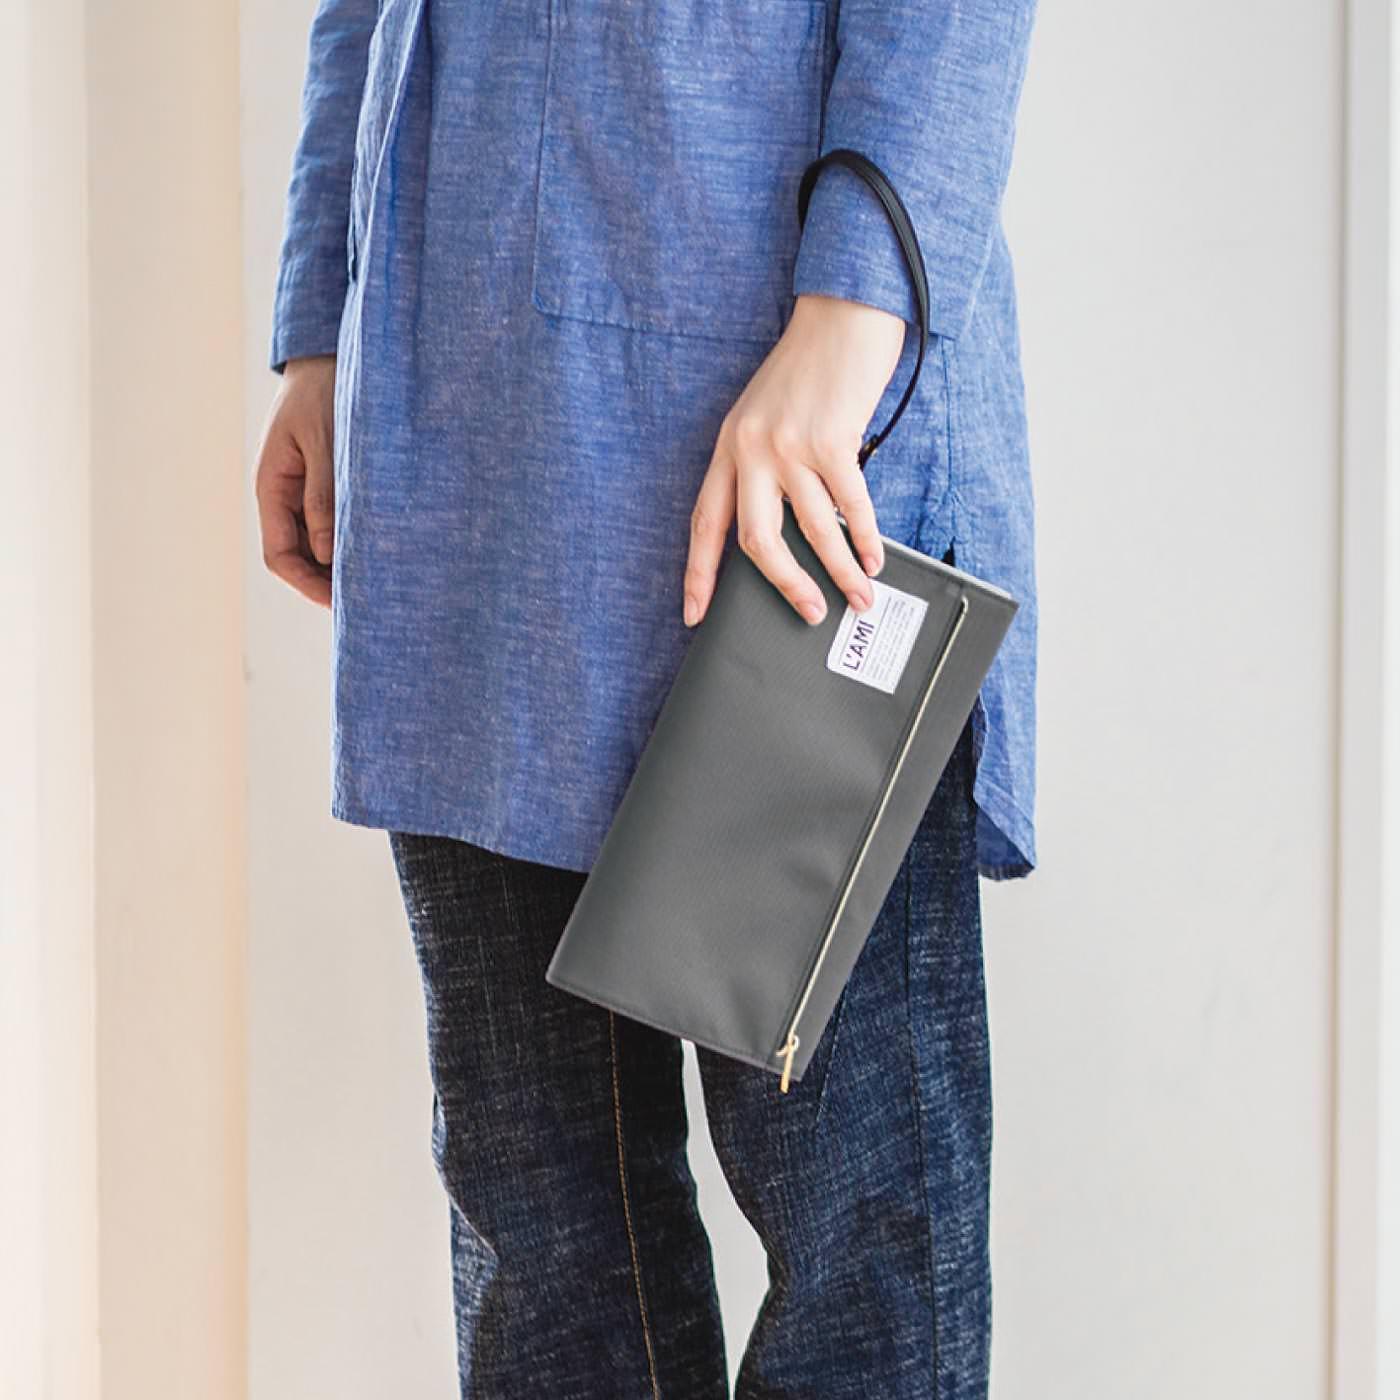 クラッチバッグのようなキレイめなデザイン。腕にしっかり引っ掛けられるストラップは取り外しも可能です。